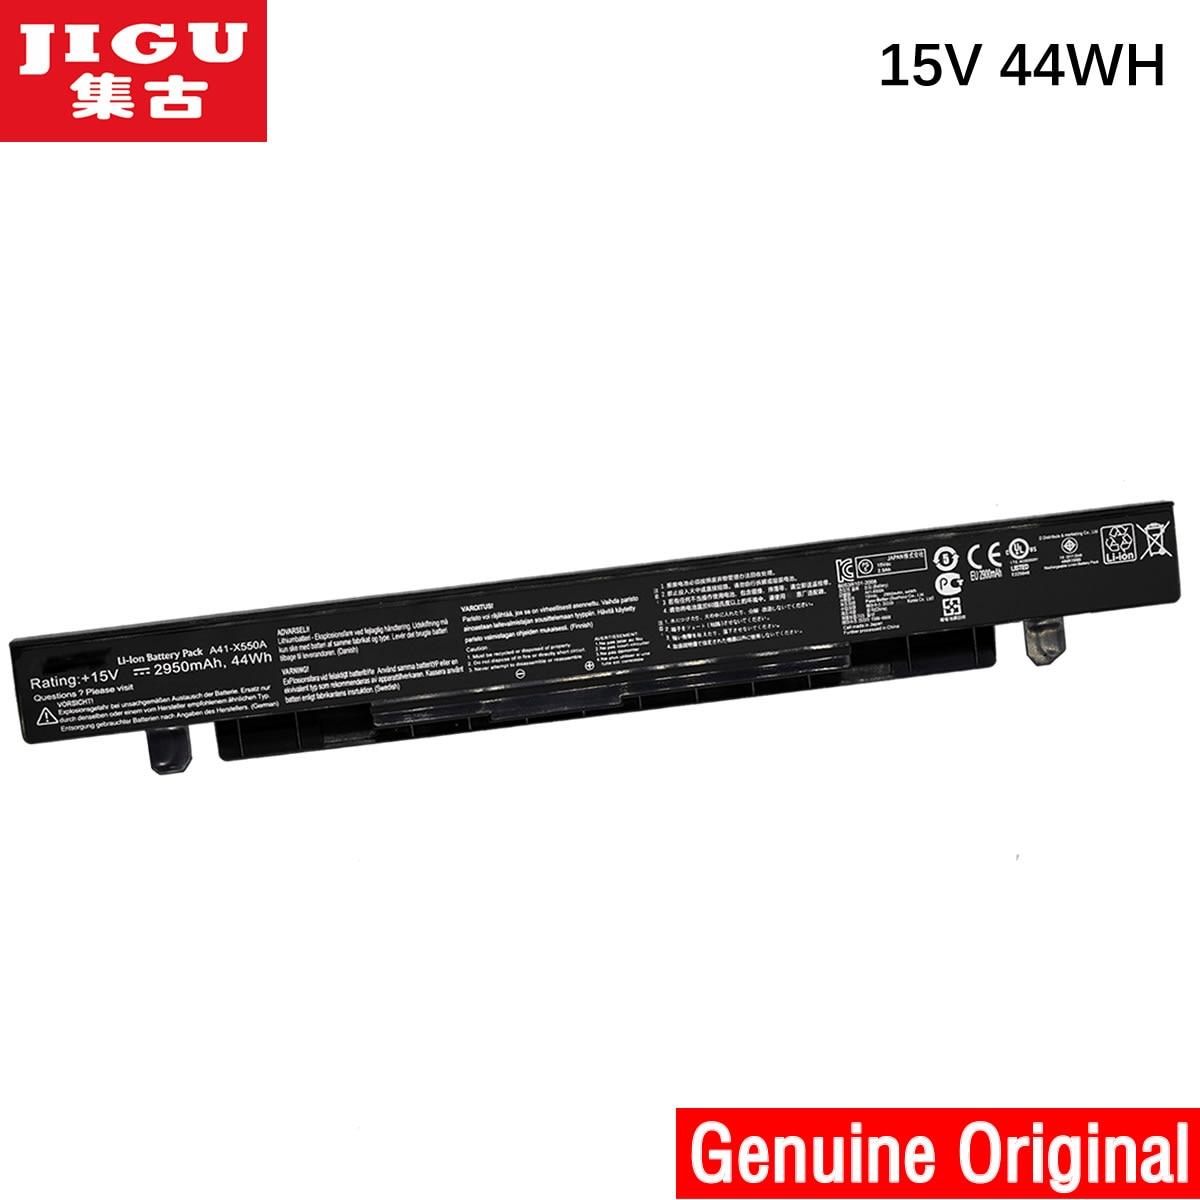 JIGU 100% New Genuine Original A41-X550A Battery For ASUS A41-X550 X550D X550C X550 X450C X550V A550 Laptop 15v 2950Mah